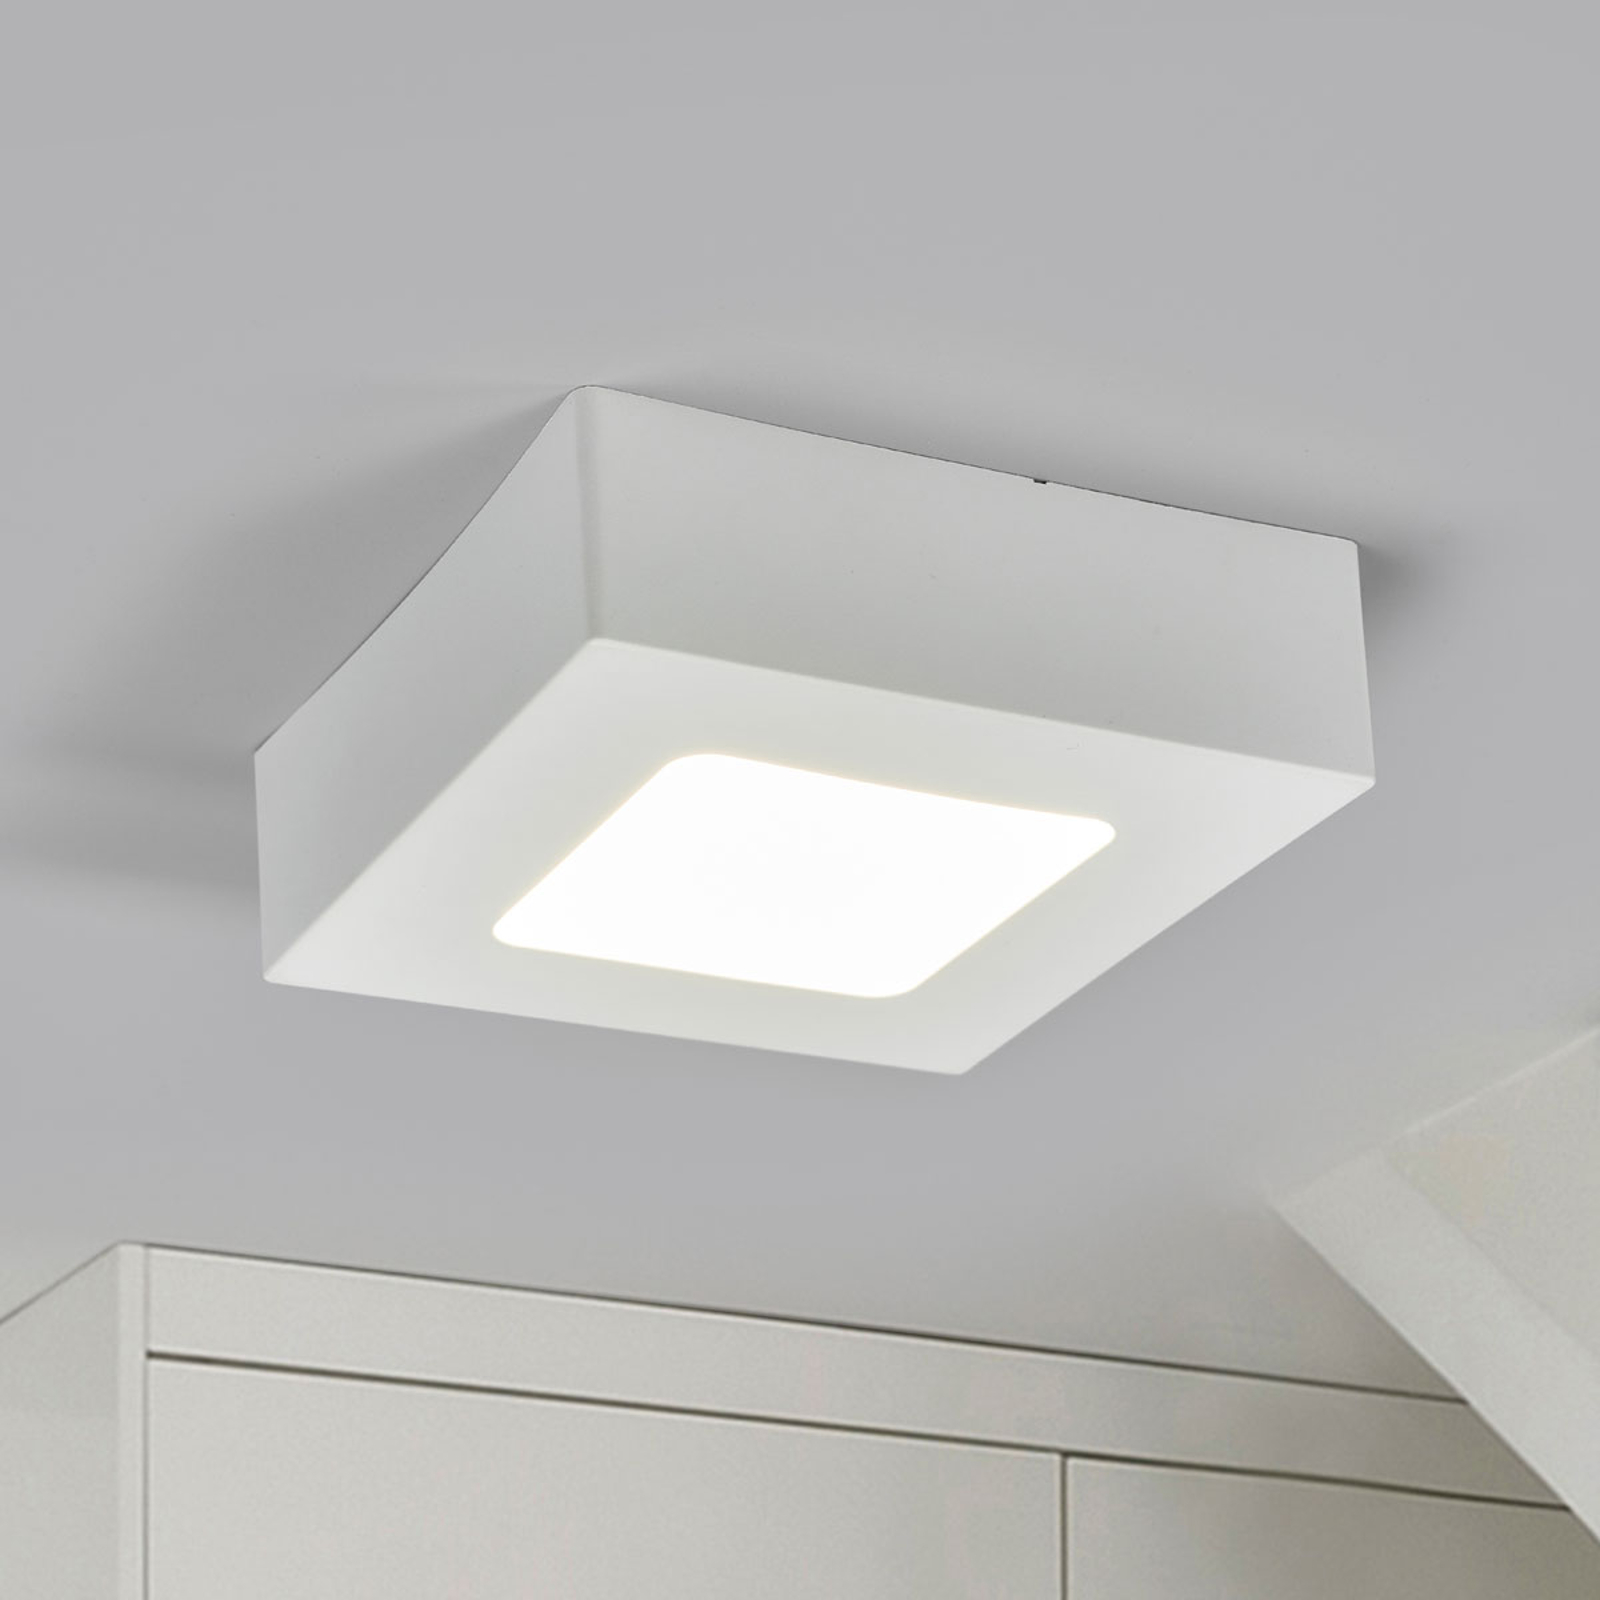 Lampa sufitowa LED Marlo biała 4000K kątowa 12,8cm